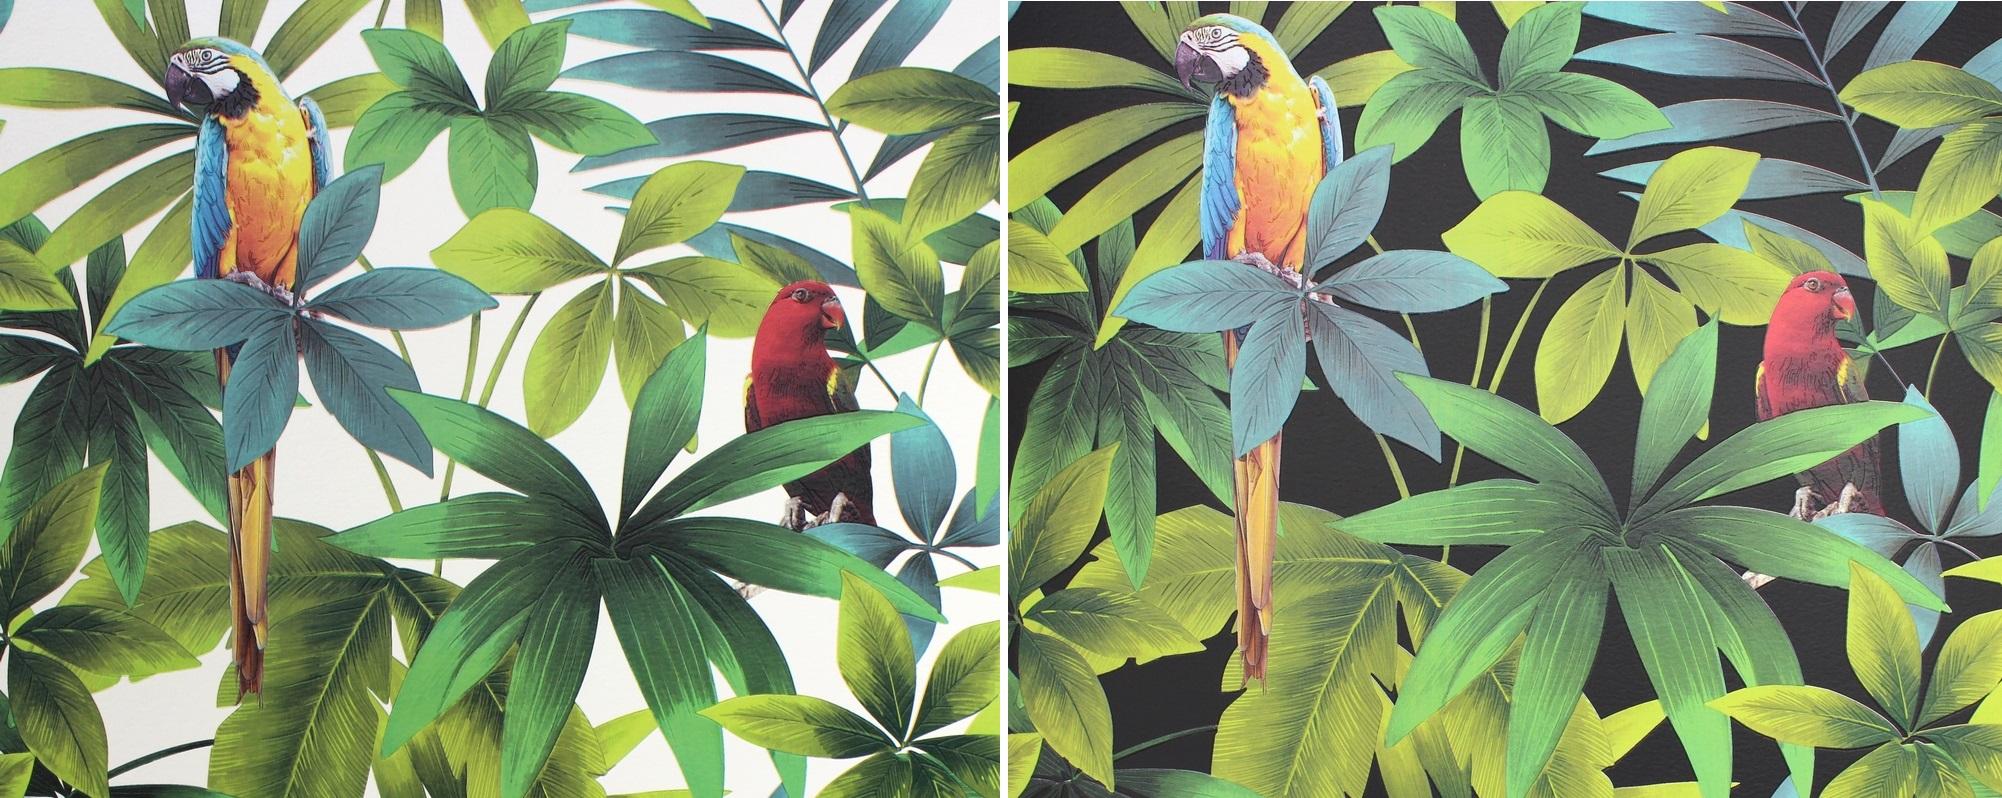 tapety w papugi